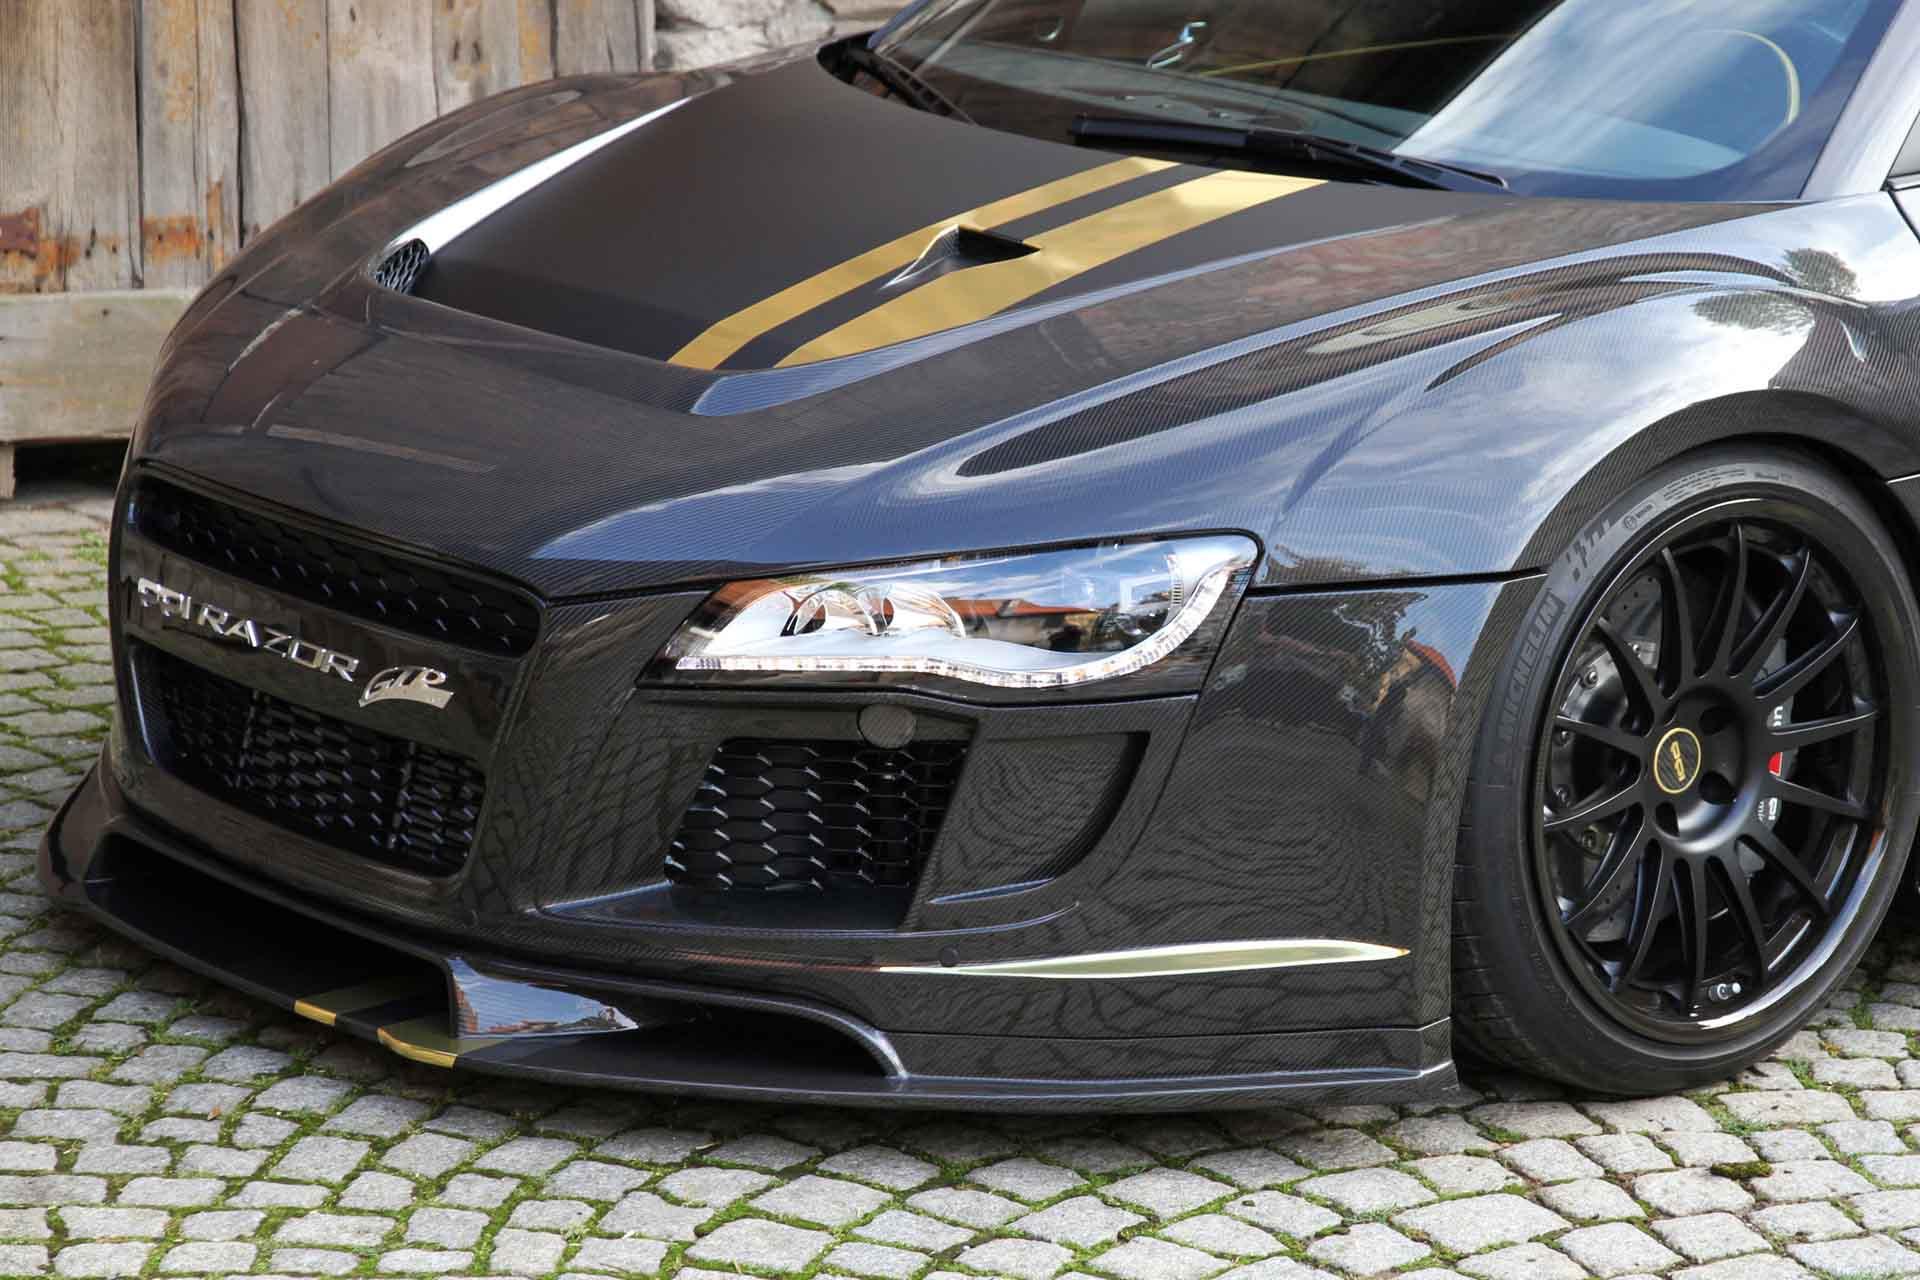 When Audi R8 In Ppi Carbon Fiber Body Kit Jdm Autopart Sport Car Carbon Fiber Body Kits Supplier